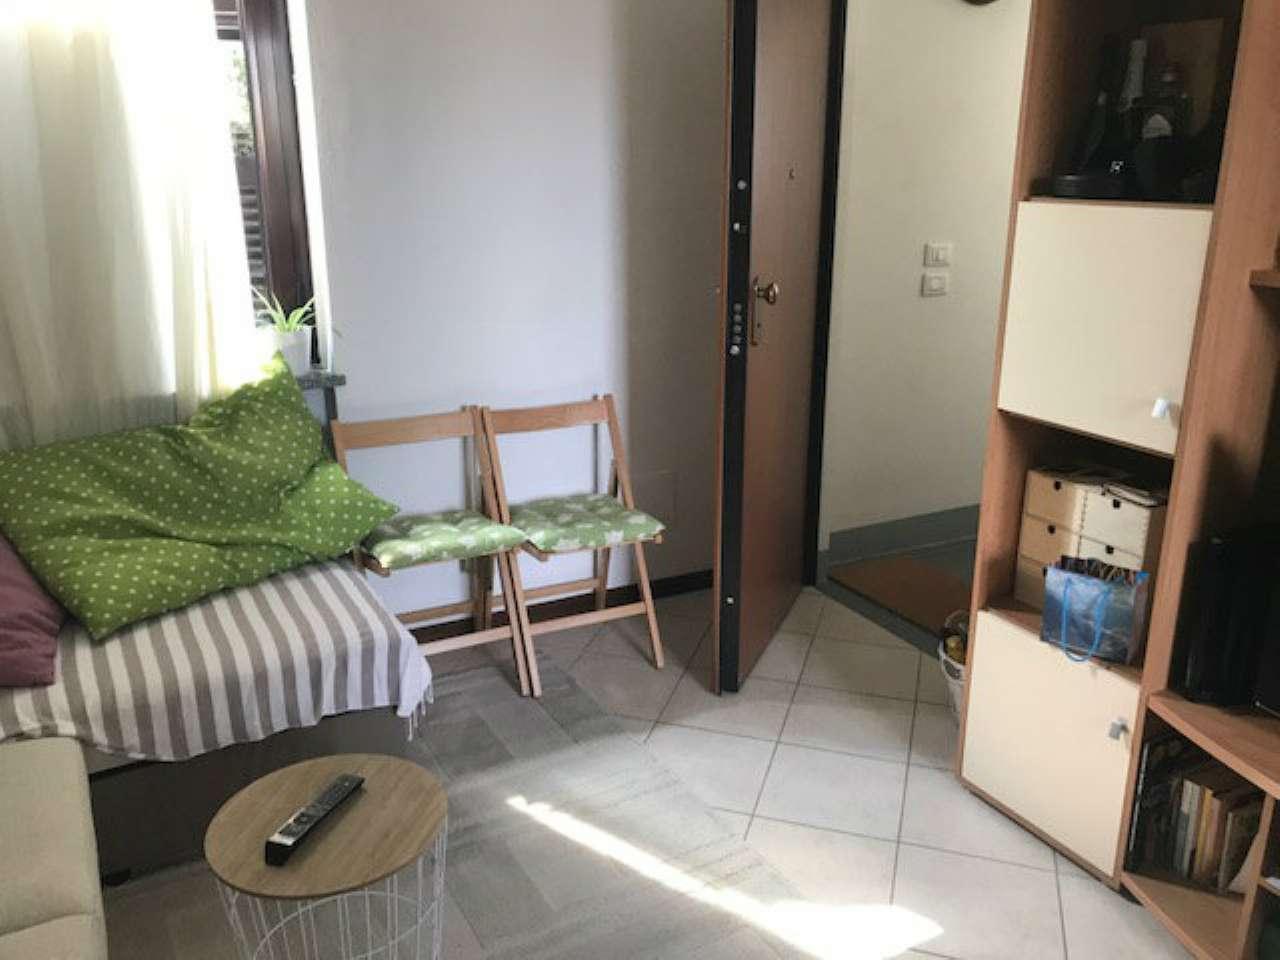 Appartamento in vendita a Gragnano Trebbiense, 2 locali, prezzo € 72.000 | CambioCasa.it